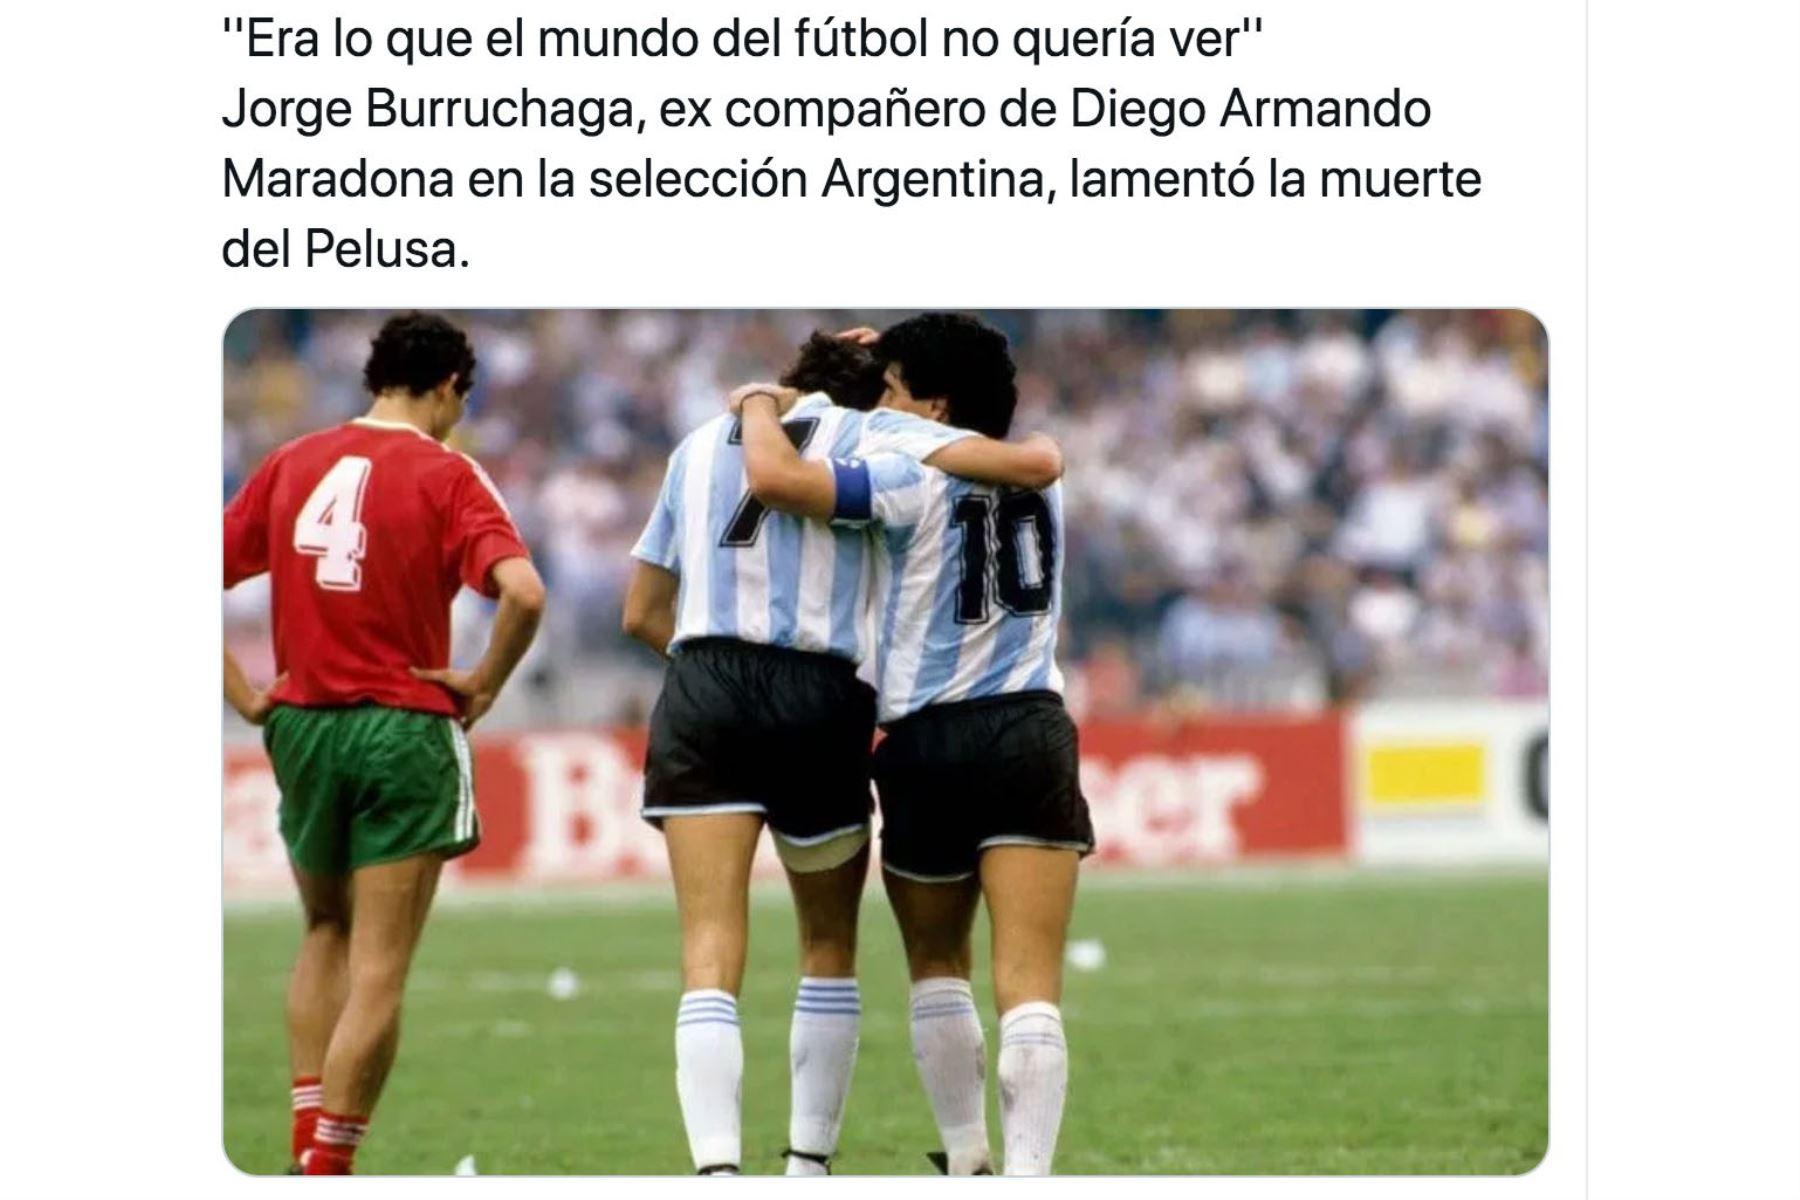 El ex futbolista Jorge Burruchaga,  compañero del astro argentino Diego Armando Maradona se despide en redes sociales de astro argentino. Foto: Difusión